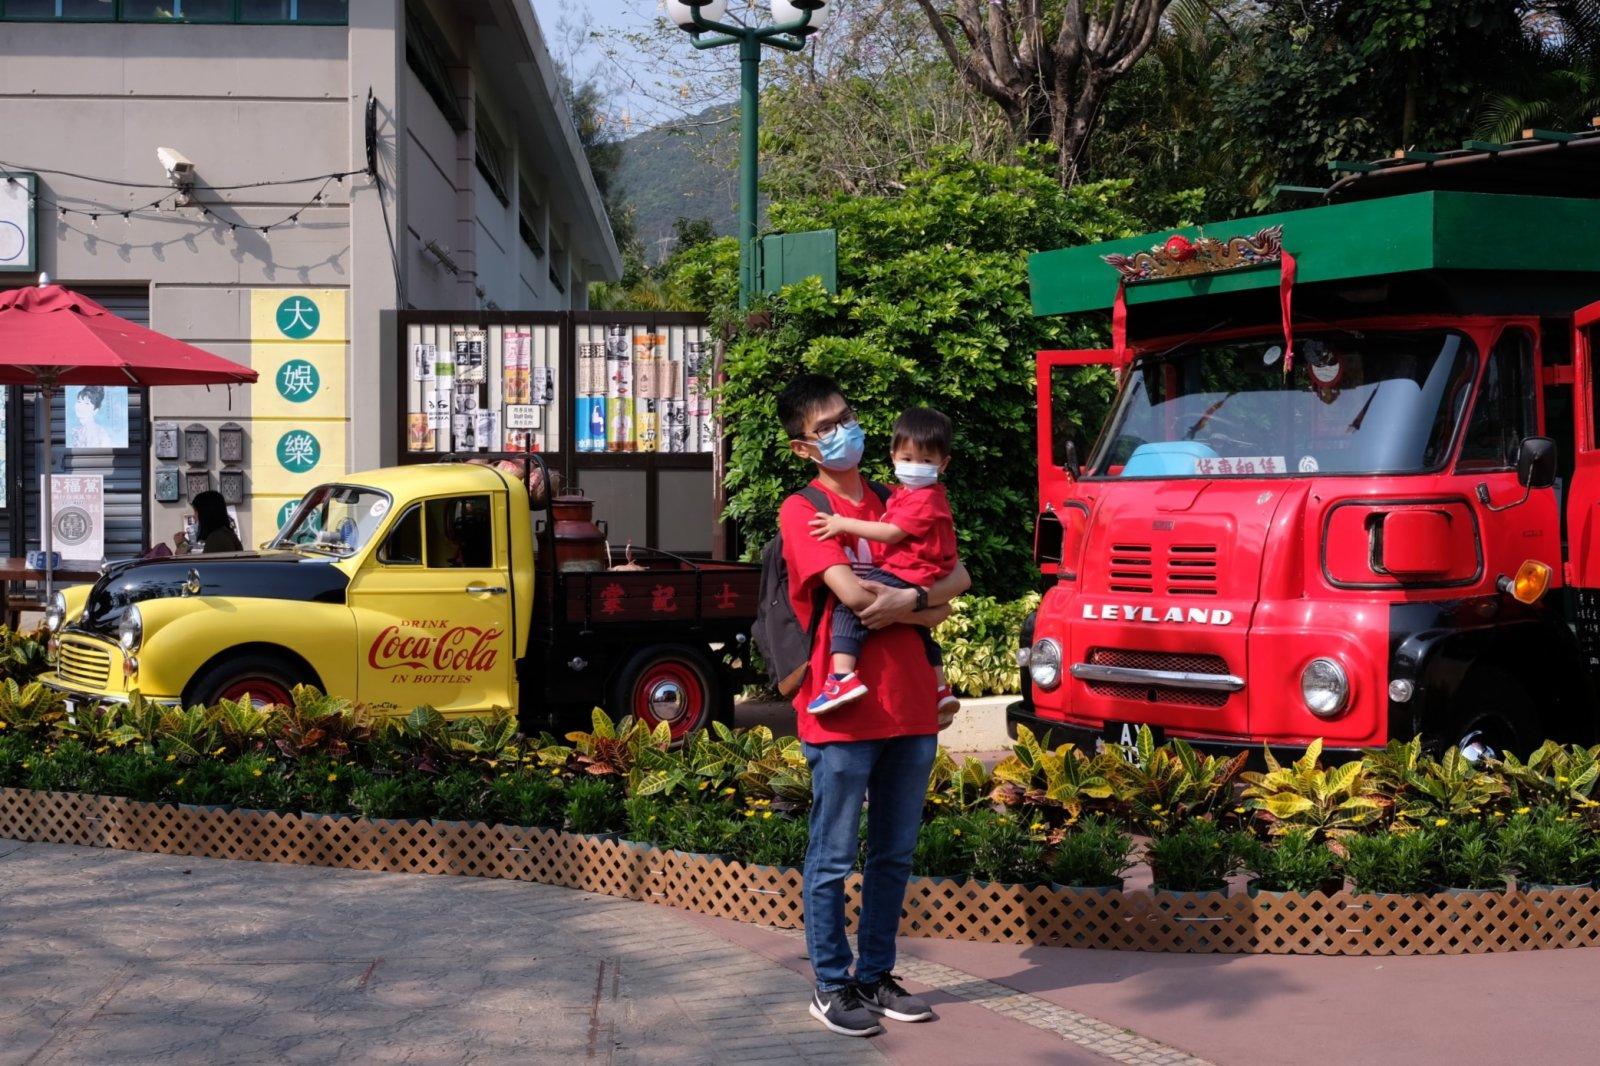 小朋友亦喜歡炫酷的老爺車,現場有不少小朋友與老爺車合照打卡。